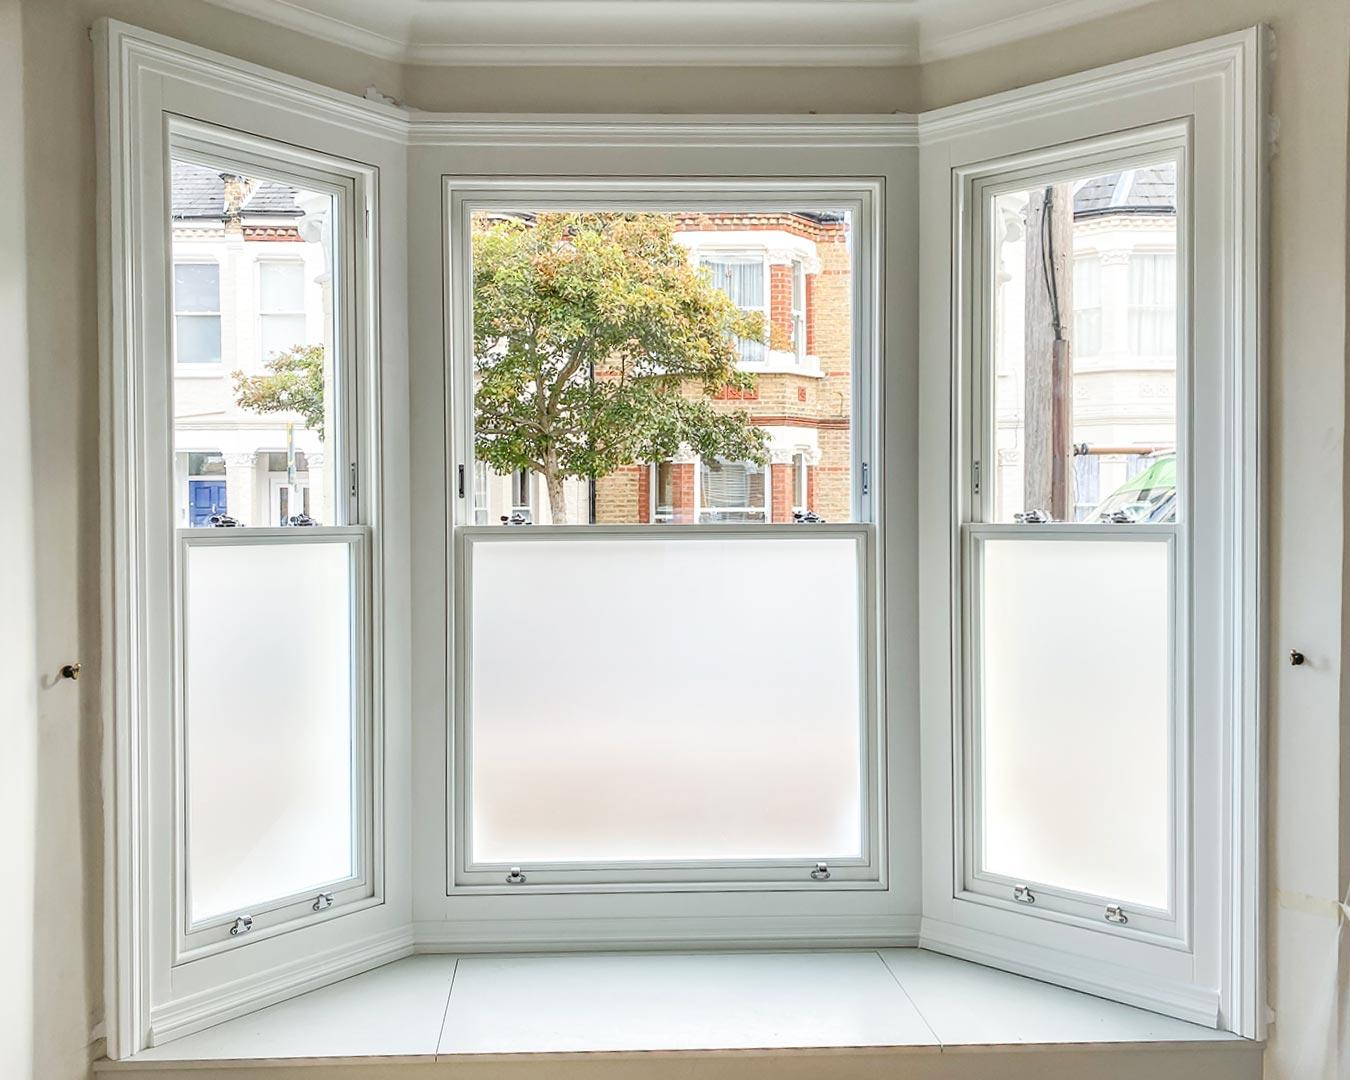 Timber sash bay window with satinovo glass for privacy